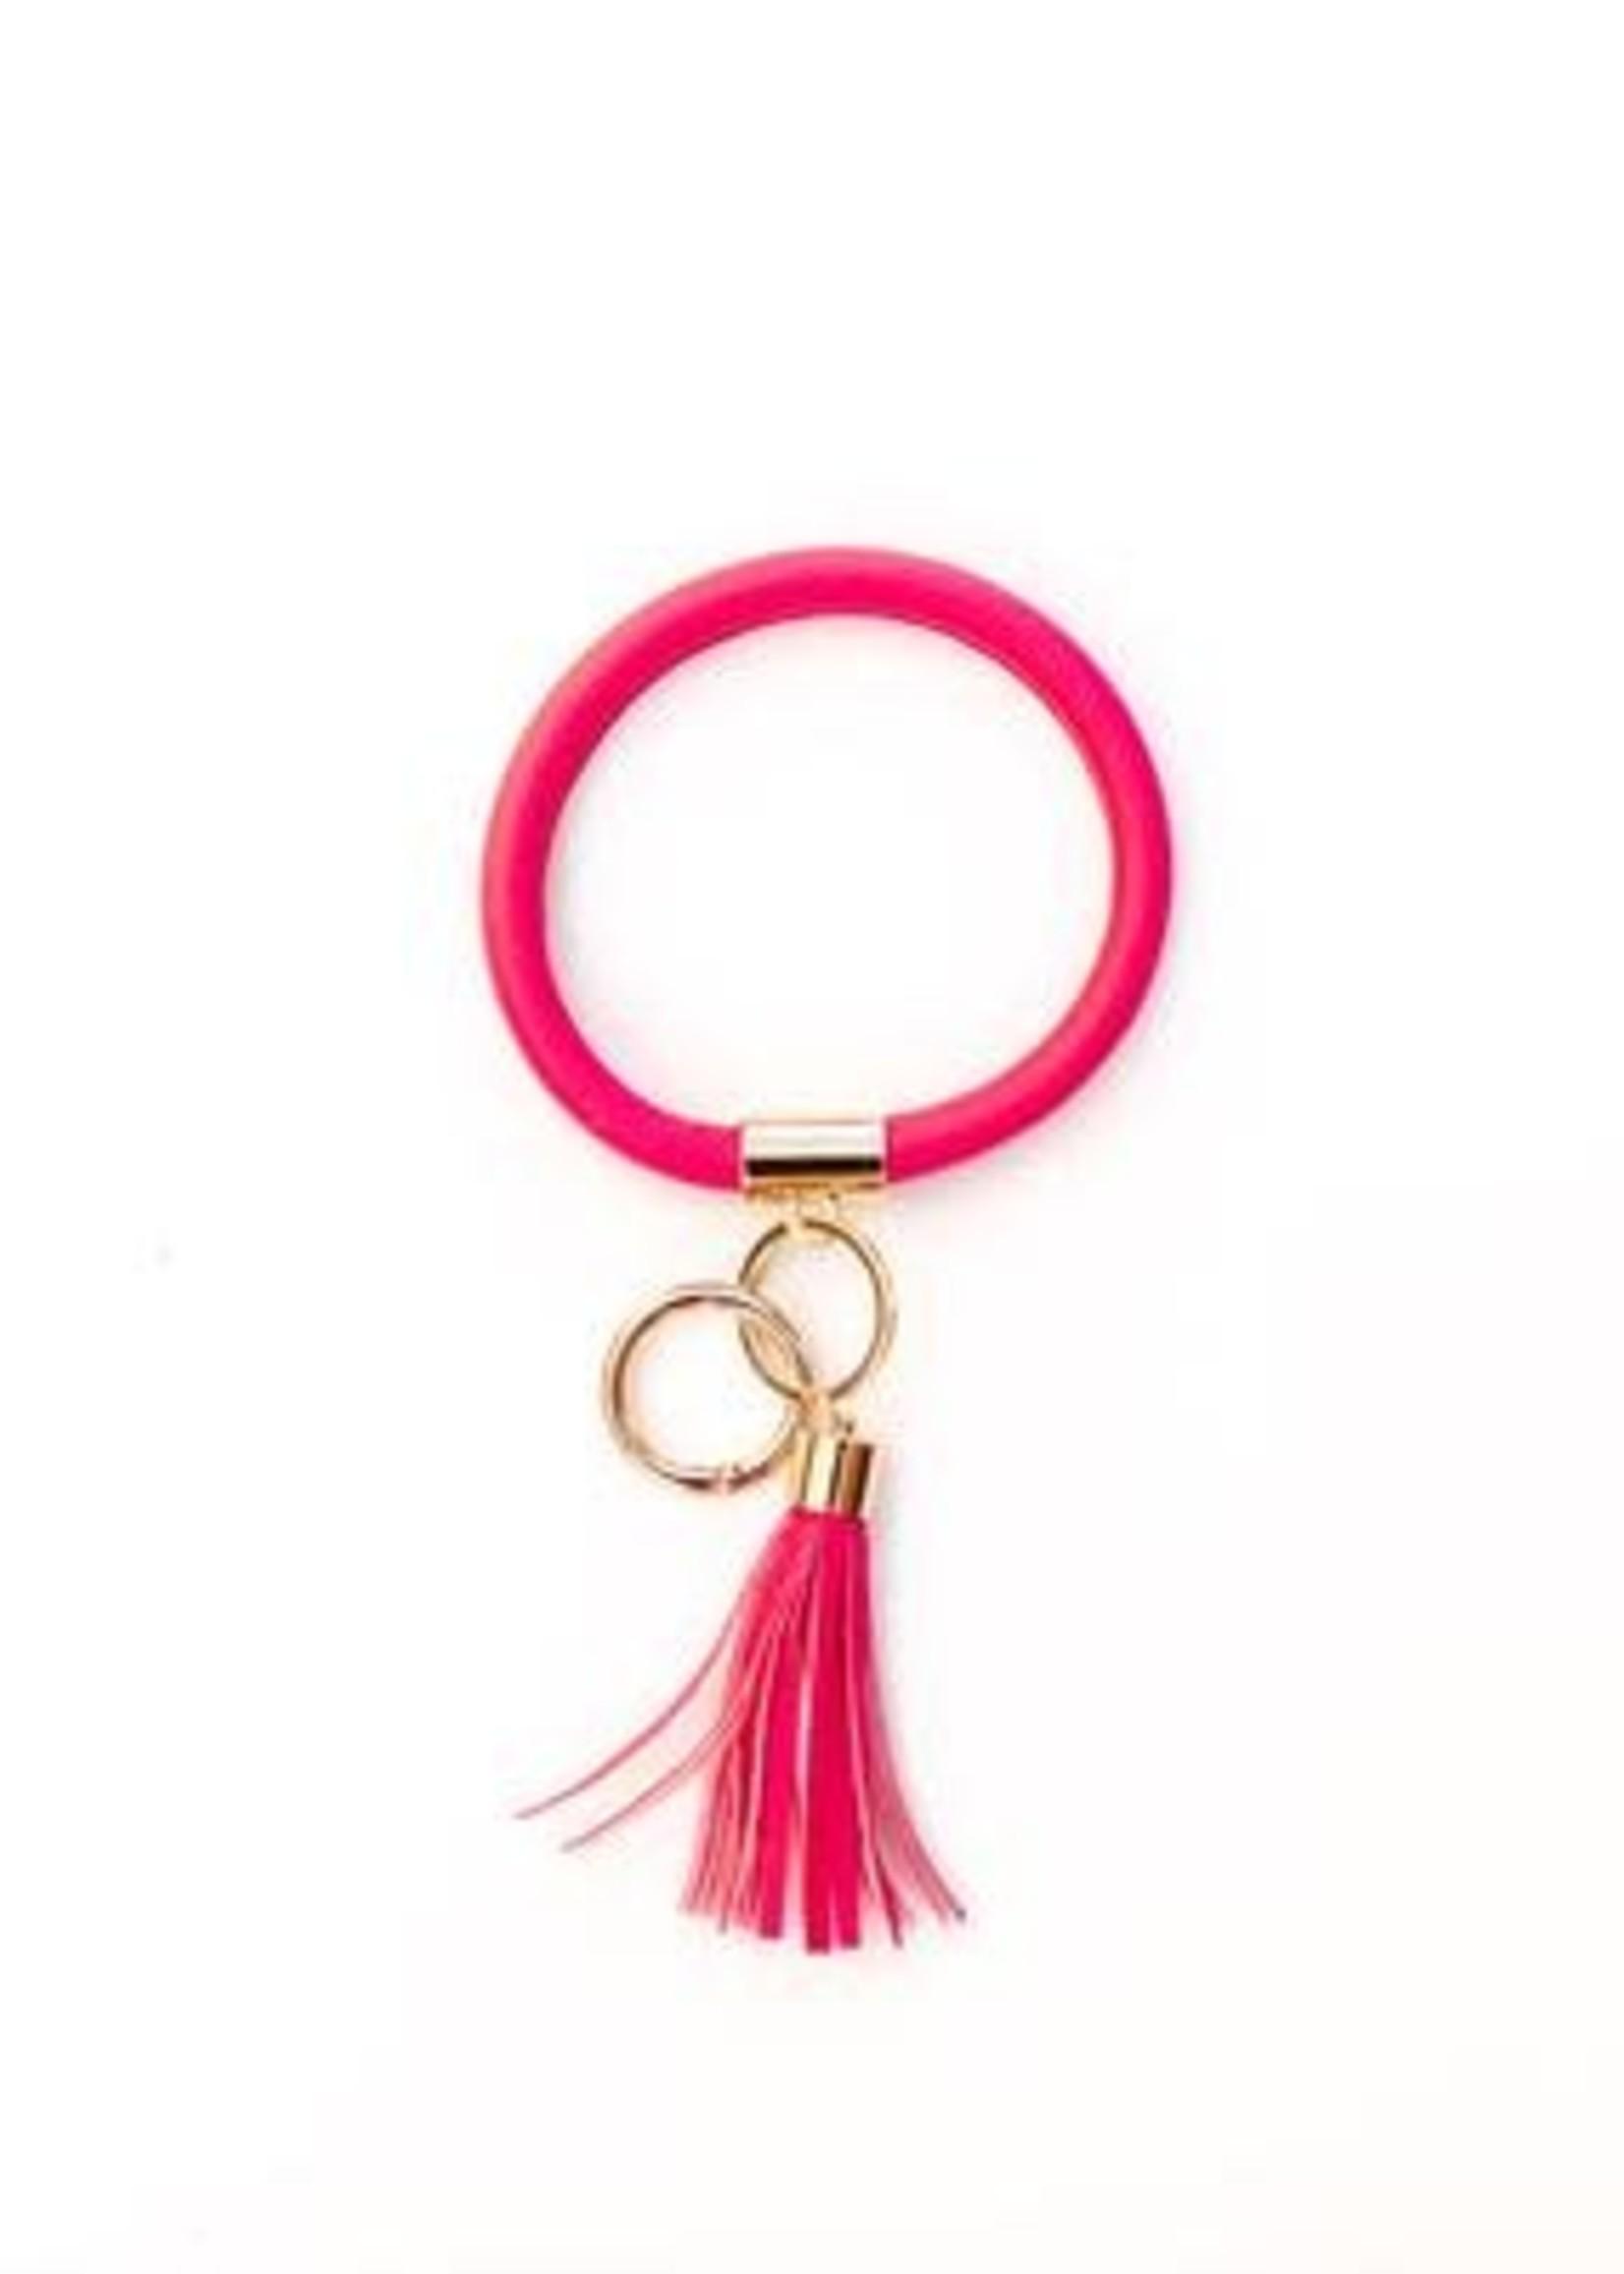 Loop Bracelet Keychain